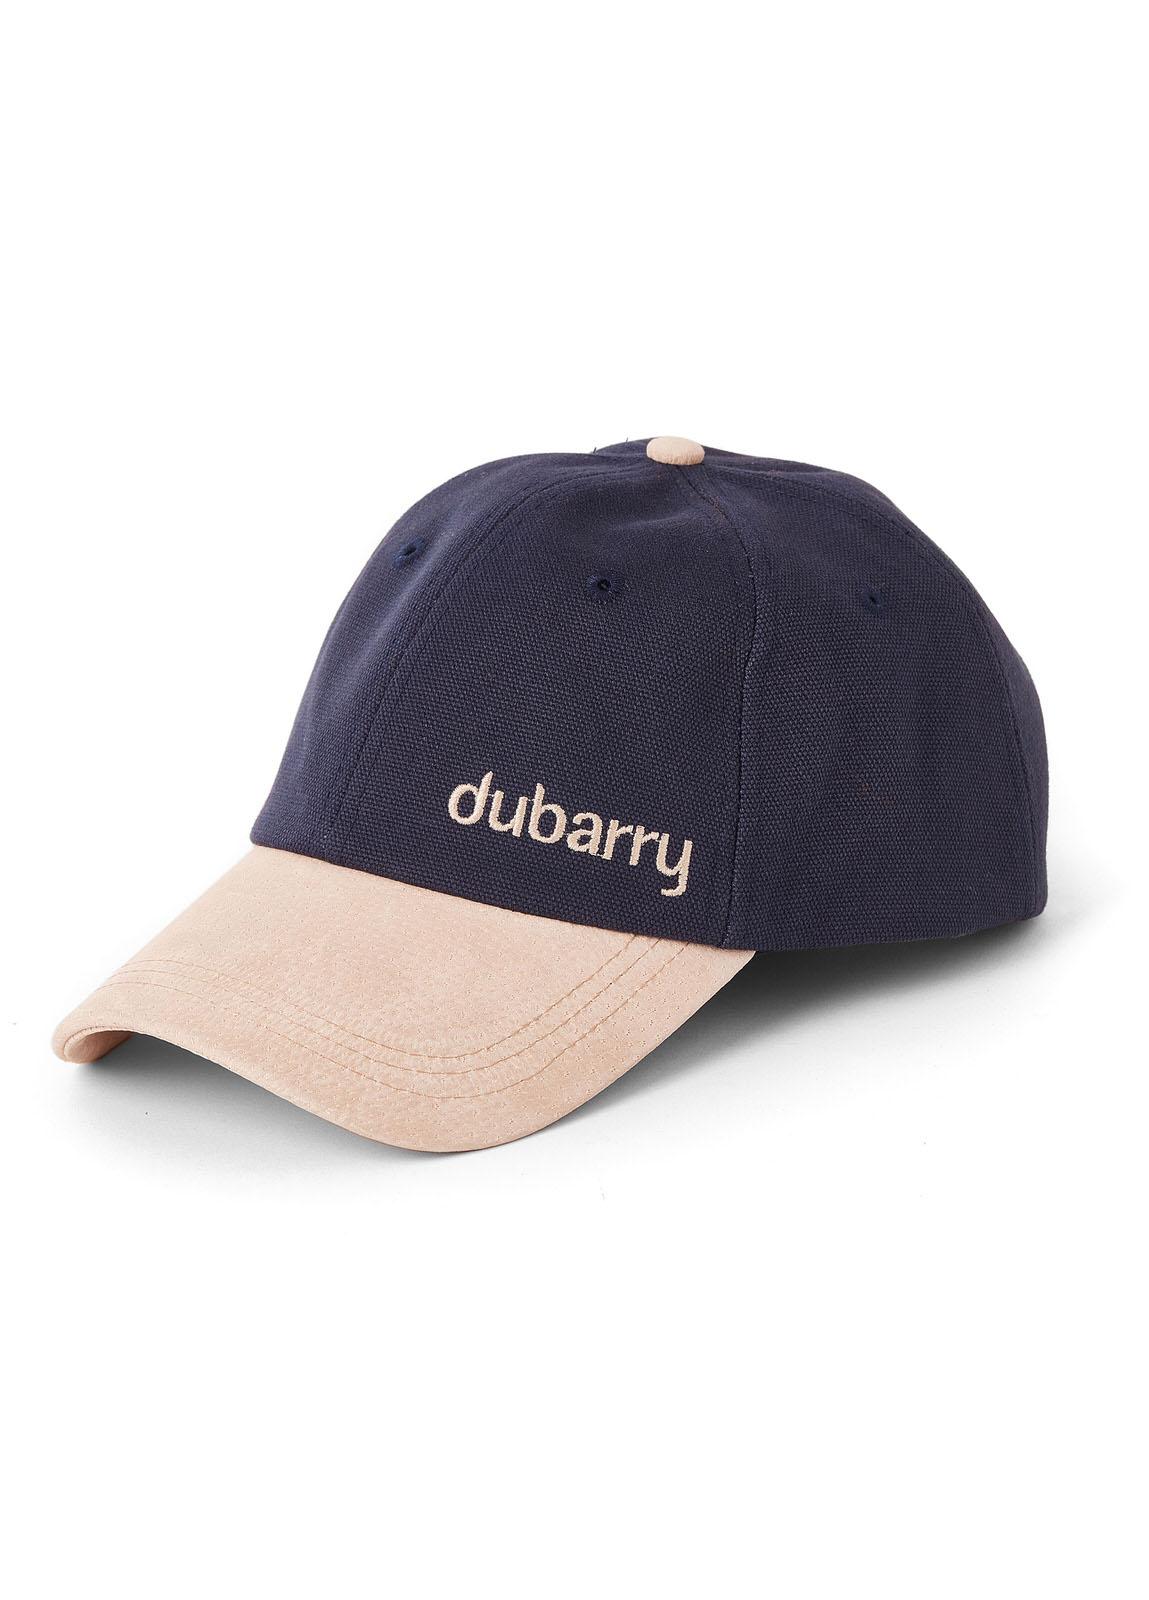 Causeway Hat - Navy